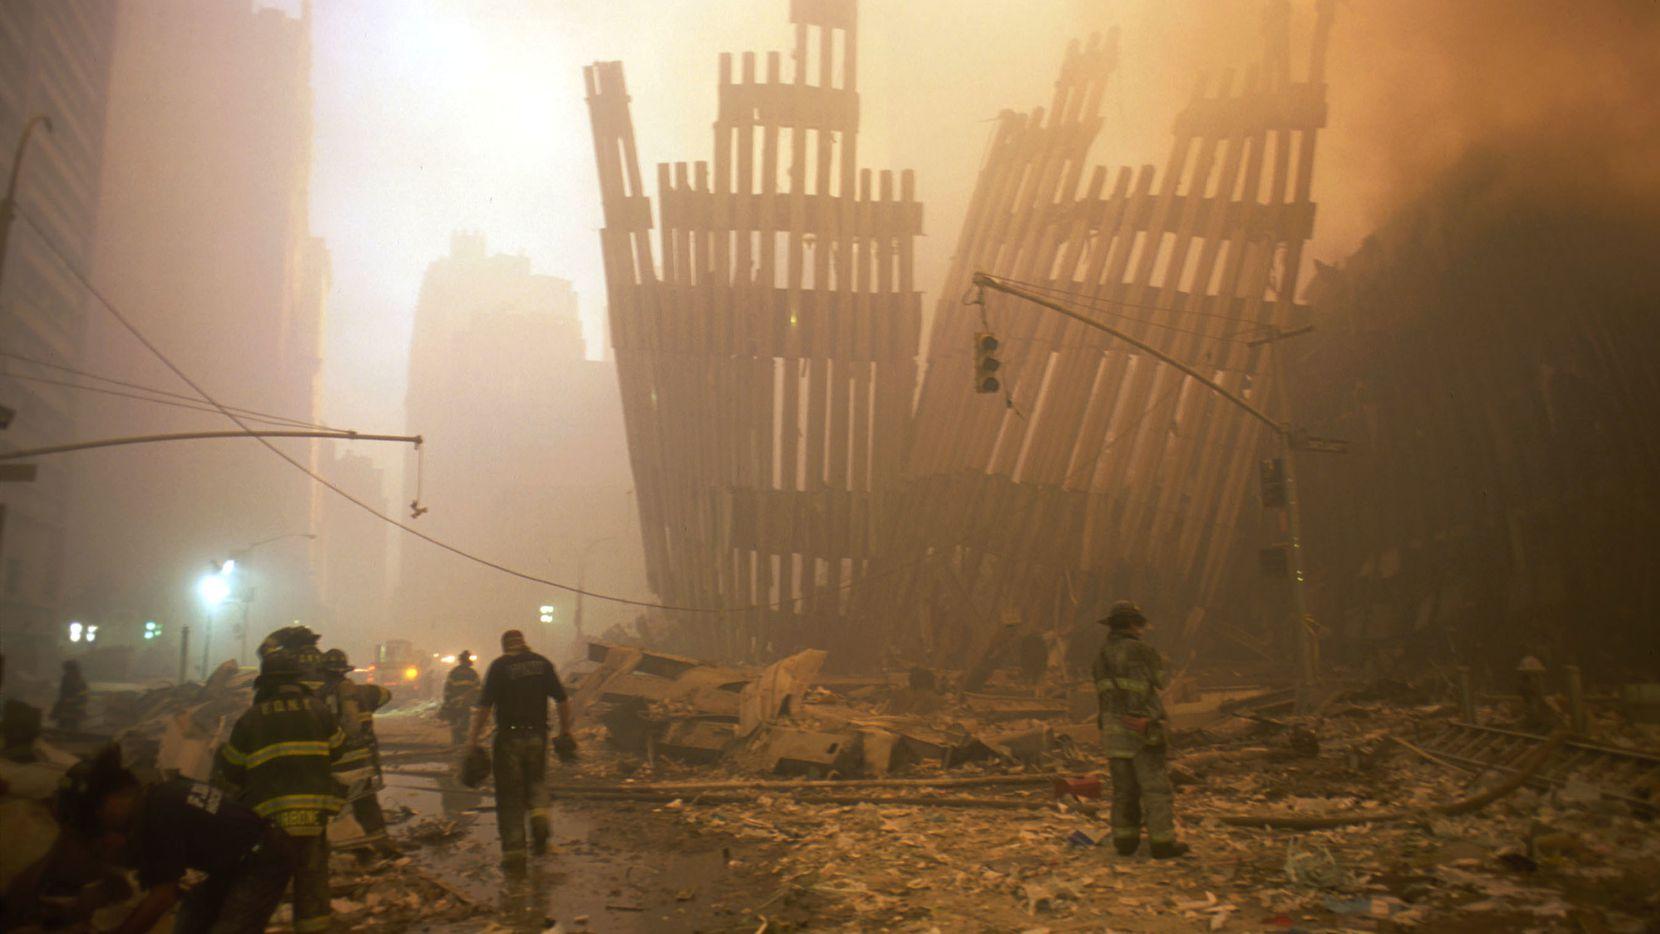 Una nube del polvo se ve en Nueva York tras los ataques terrorista al World Trade Center, el 11 de septiembre de 2001.